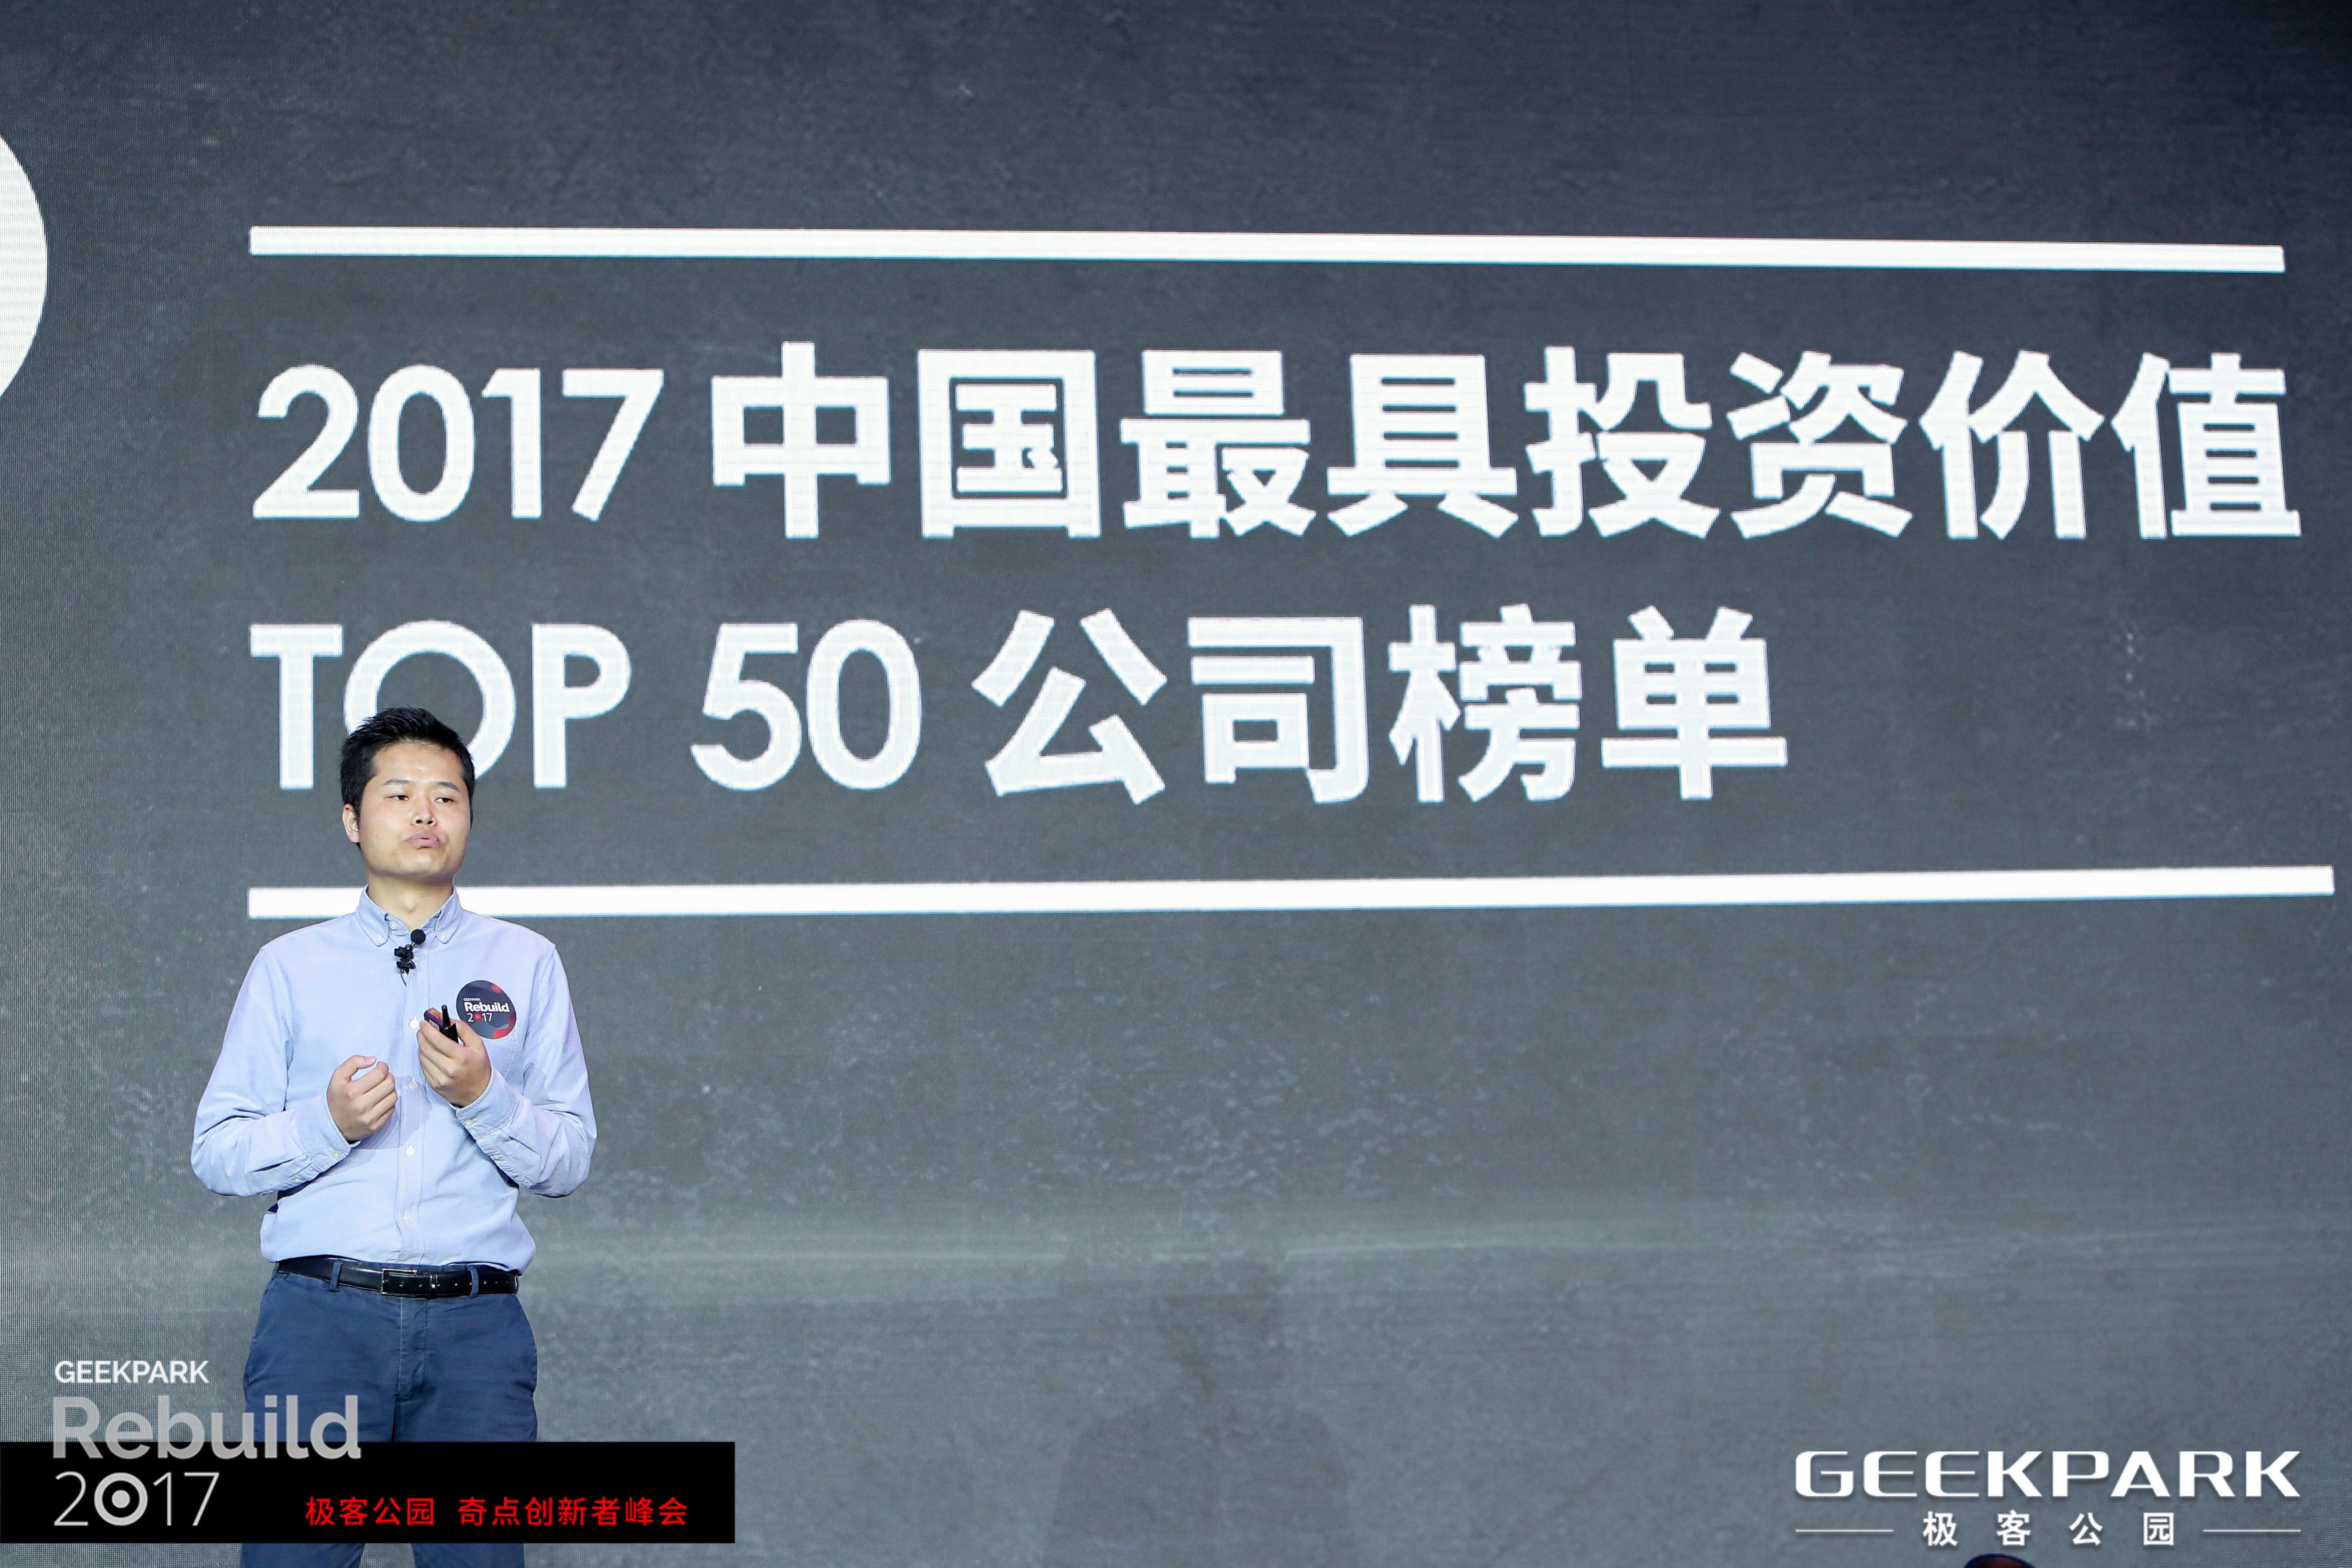 2017 中国最具投资价值 TOP 50 公司榜单